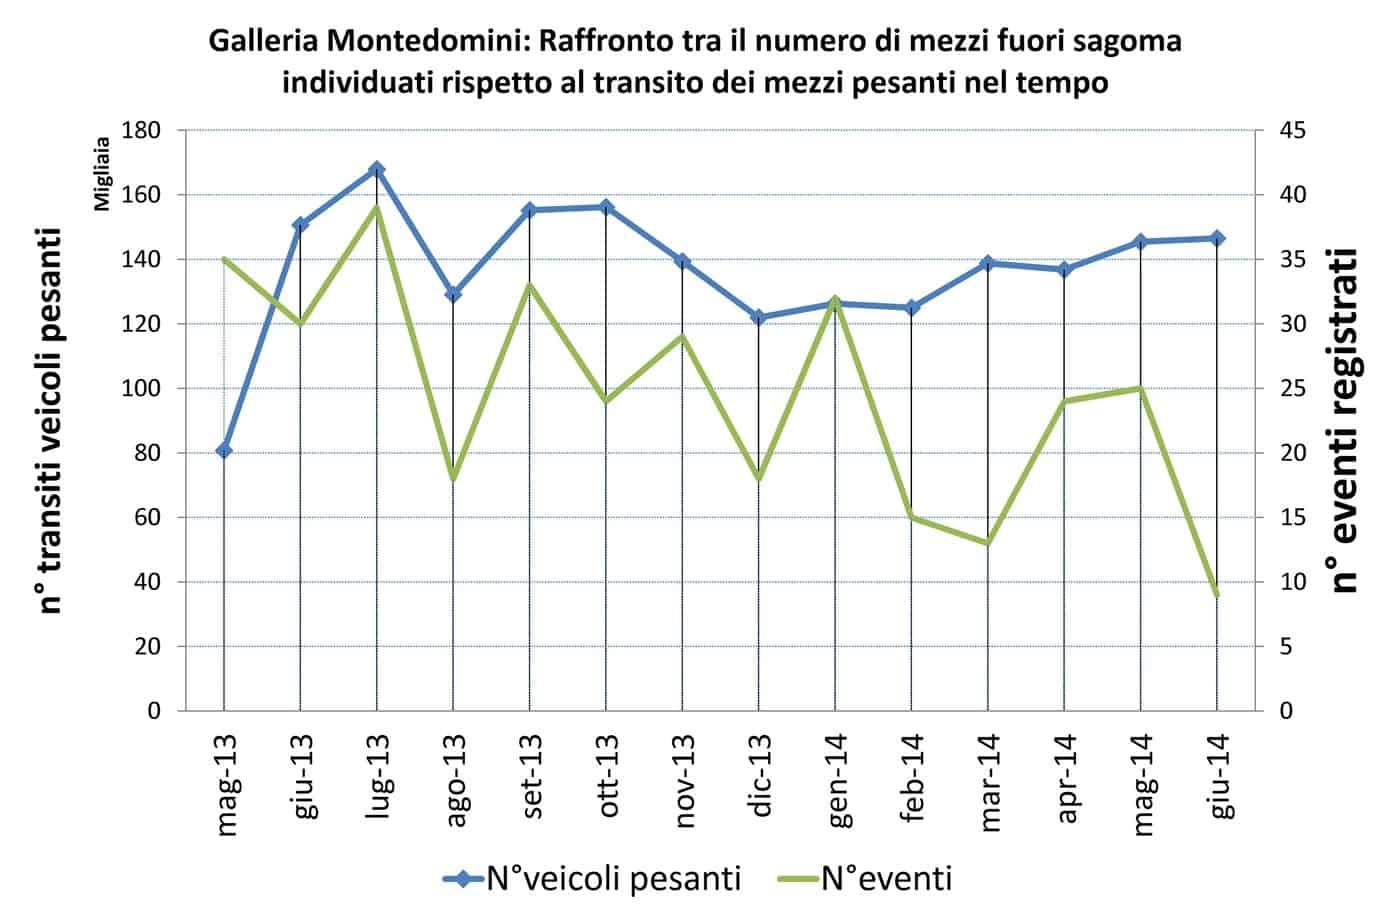 Il raffronto tra il numero di mezzi fuori sagoma individuati e il transito dei mezzi pesanti nel tempo nella galleria Montedomini